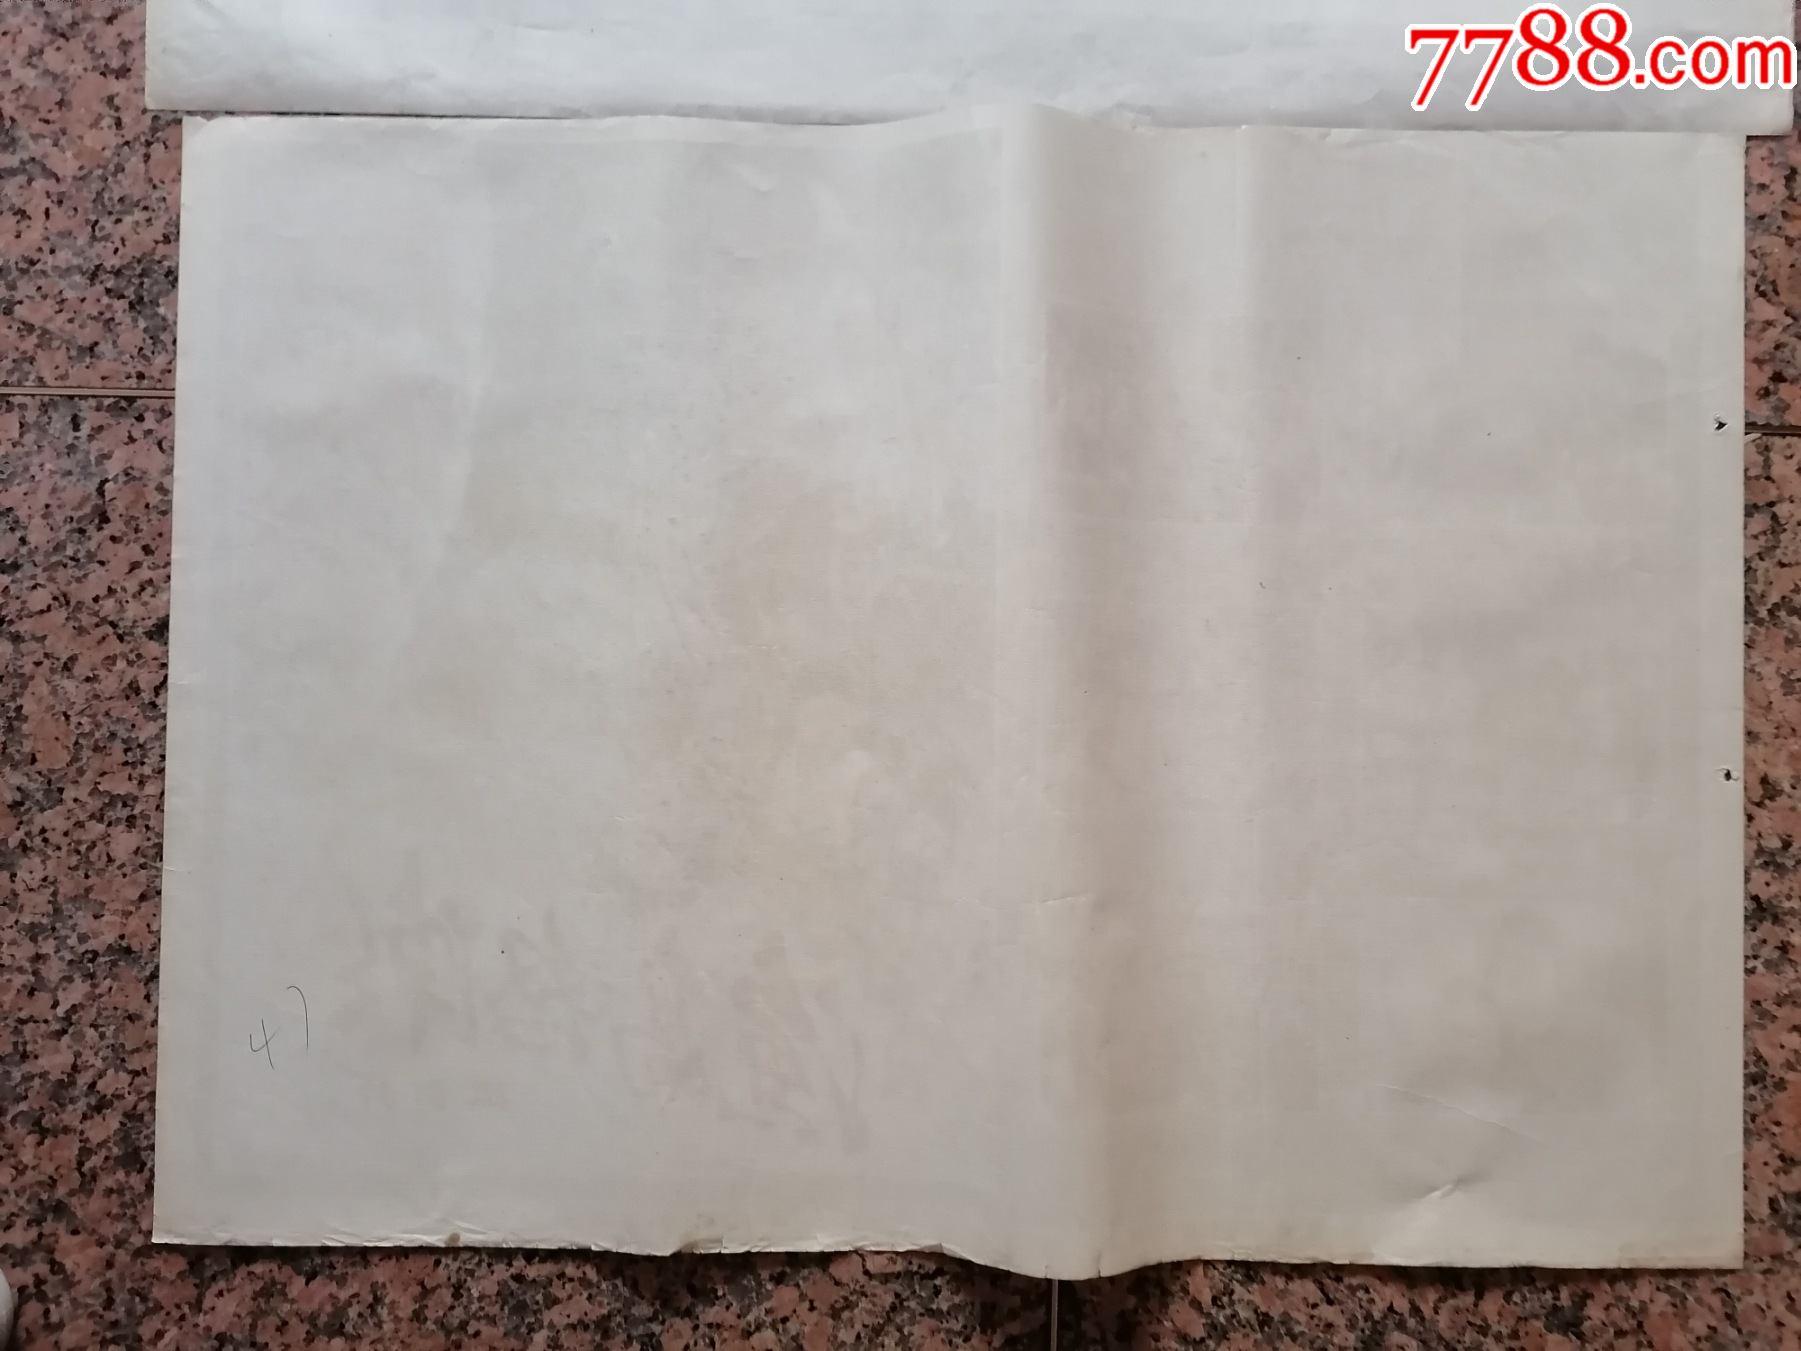 后文革电影宣传画204、渔岛怒潮,西安电影制片厂,中国电影公司,规格1开,9品。,年画/宣传画,绘画稿印刷,宣传画/海报,七十年代(20世纪),全开,其他出版社_第8张_7788宣传画收藏